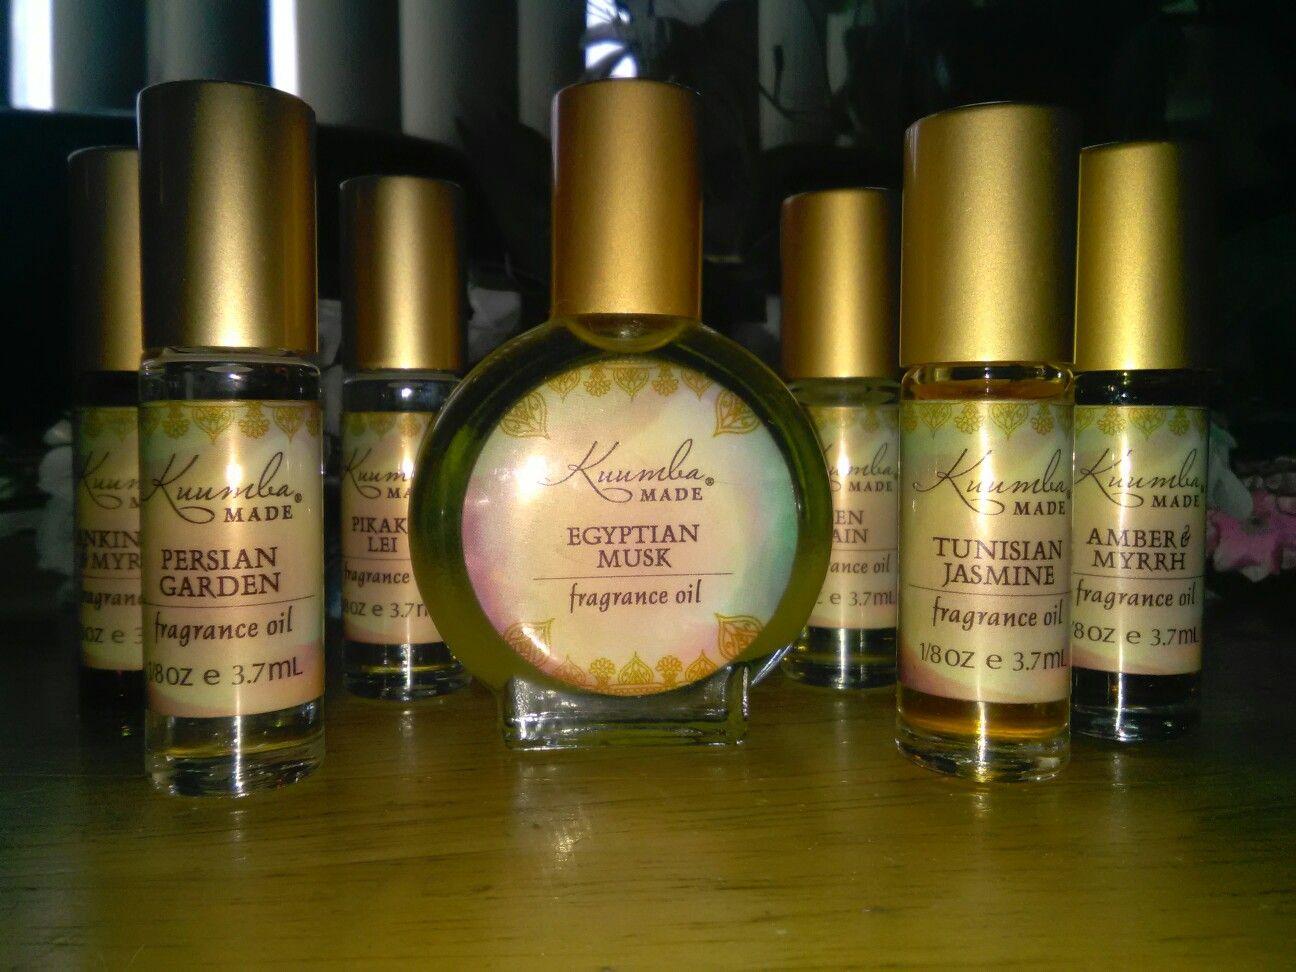 Kuumba Made Fragrance Oil All Fragrance Oil Fragrance Oil Ingredients